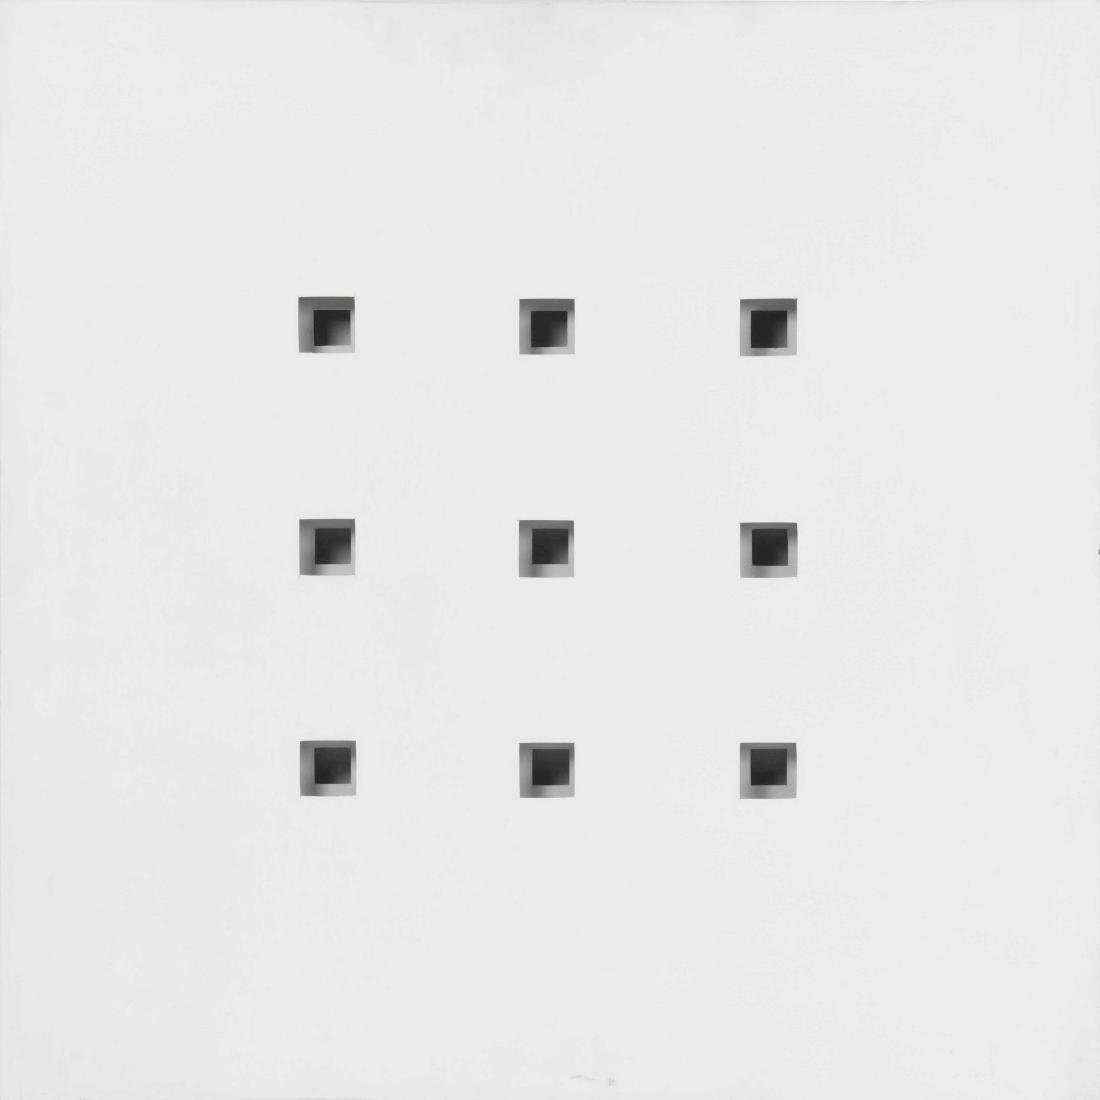 Vanna Nicolotti (1929), Struttura bianca - Elogio del